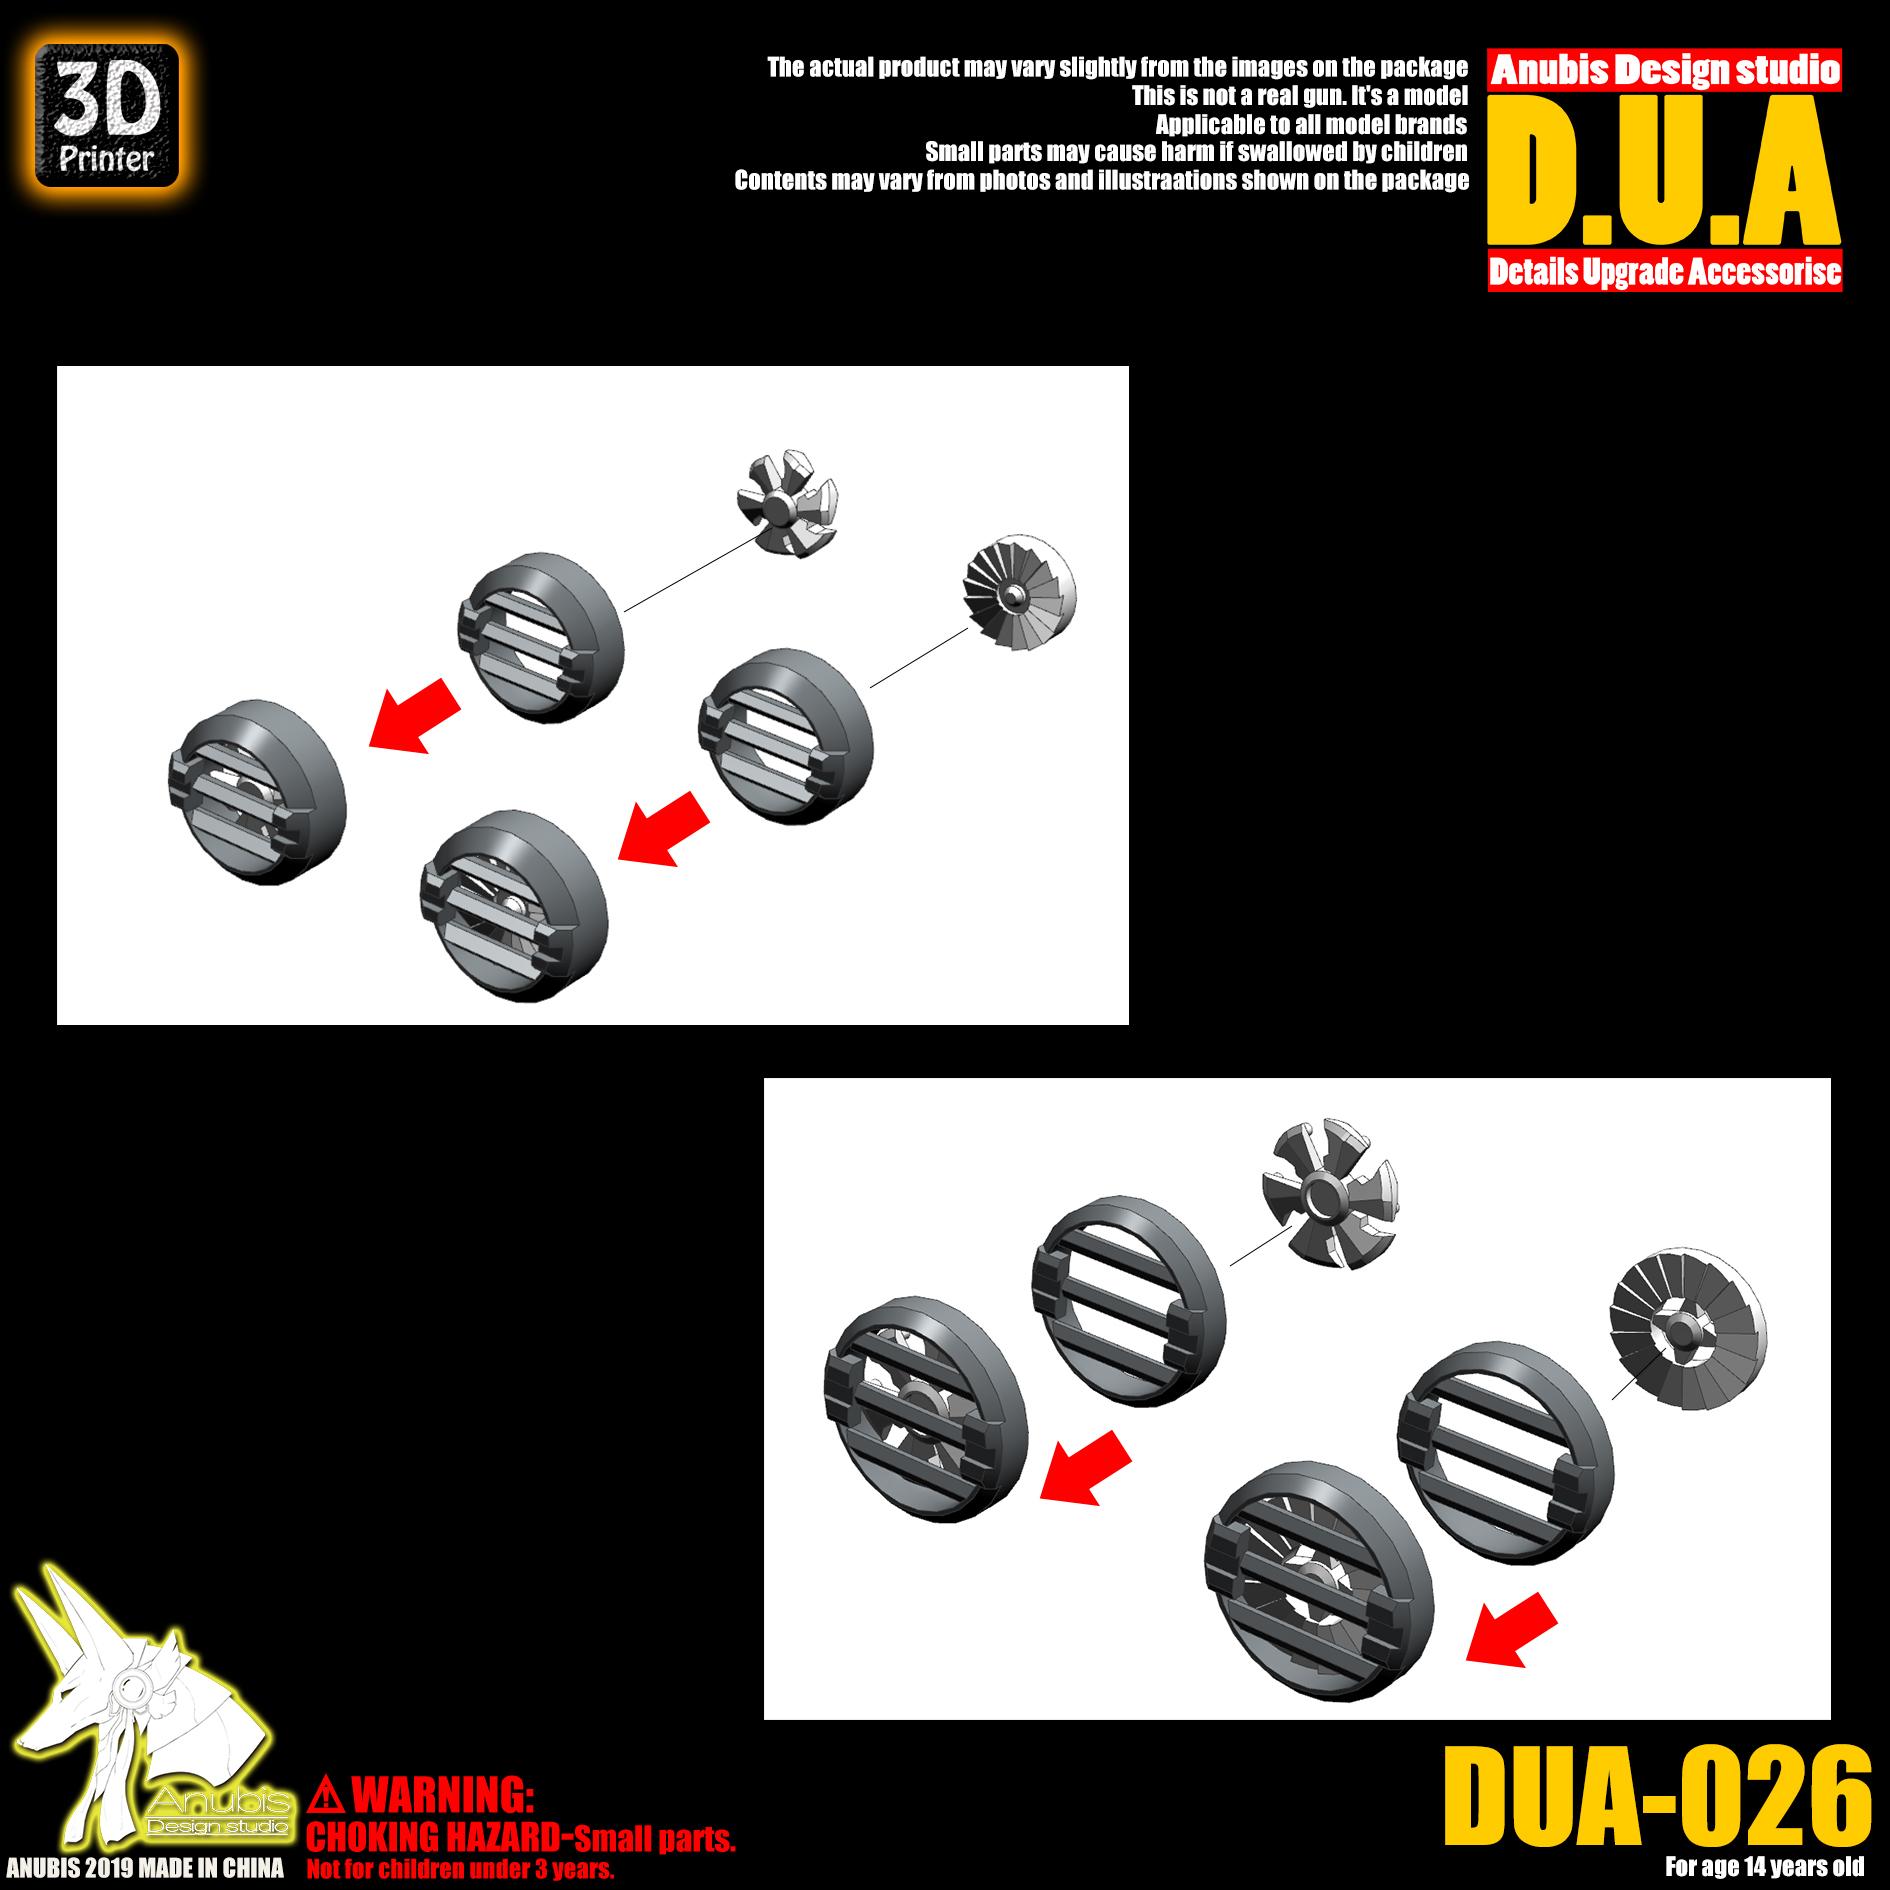 G413_DUA026_003.jpg